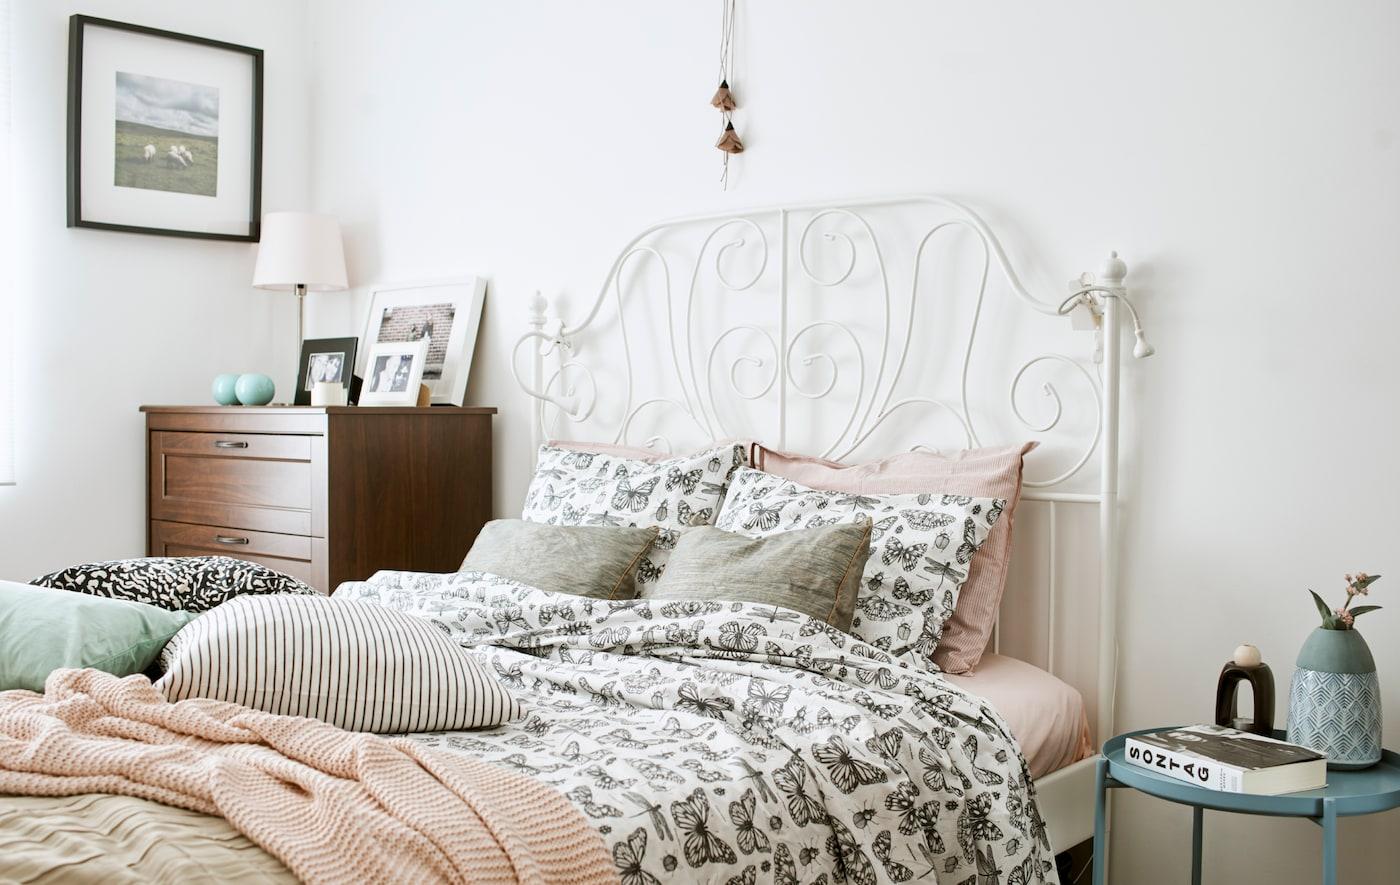 Sänky, jossa on valkoinen takorautainen sängynpääty, pussilakanatT, joissa on mustavalkoiset perhoskuviot, vaaleanpunainen neulehuopa ja tyynyt.